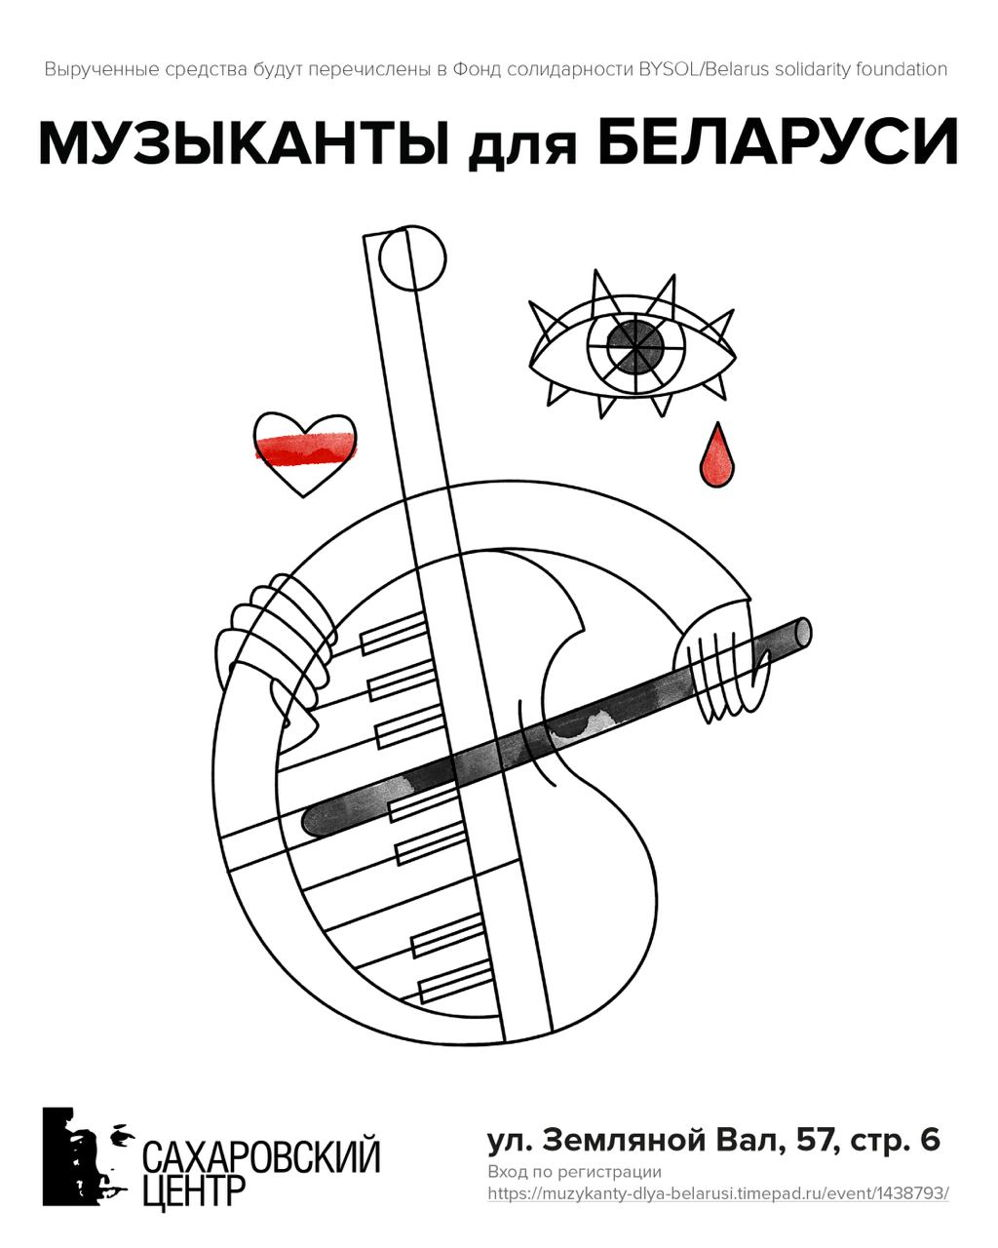 """""""Музыканты для Беларуси"""". Автор афиши - Ольга Неснова"""